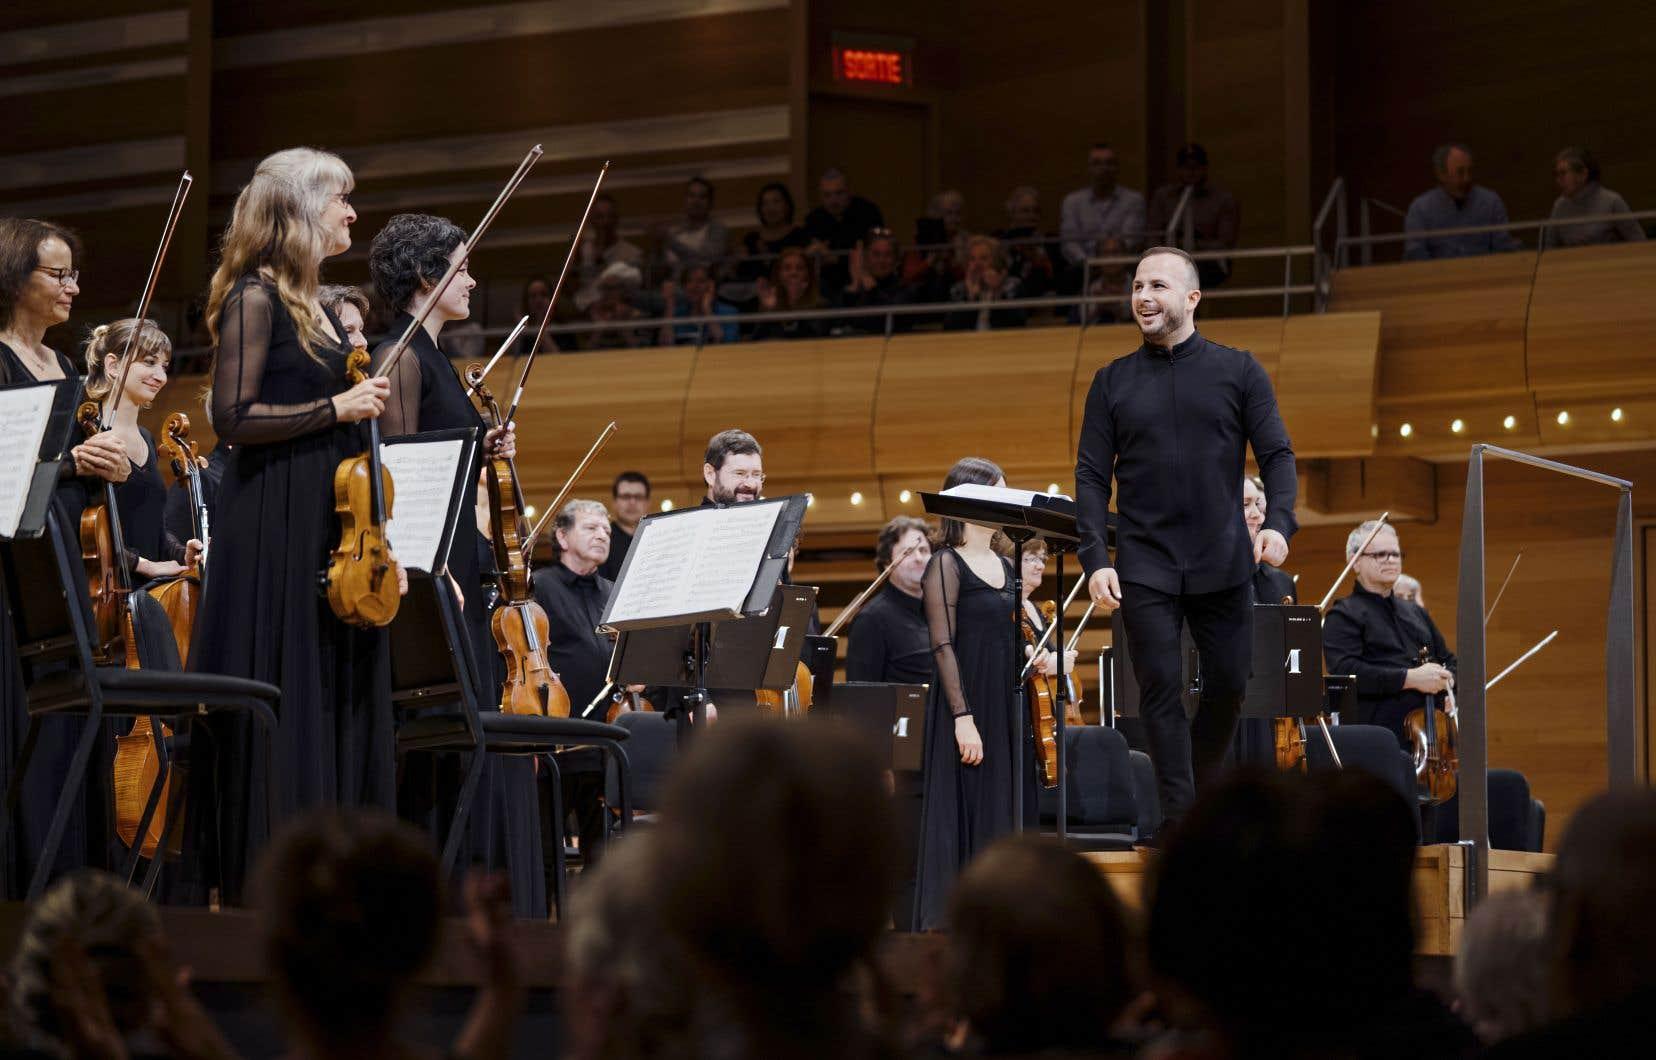 Les femmes se taillent des places de choix dans les rouages du classique, jusqu'au poste tabou, celui de chef d'orchestre. Plutôt que d'être spectateur du phénomène, Yannick Nézet-Séguin a décidé d'en être un acteur et promoteur.